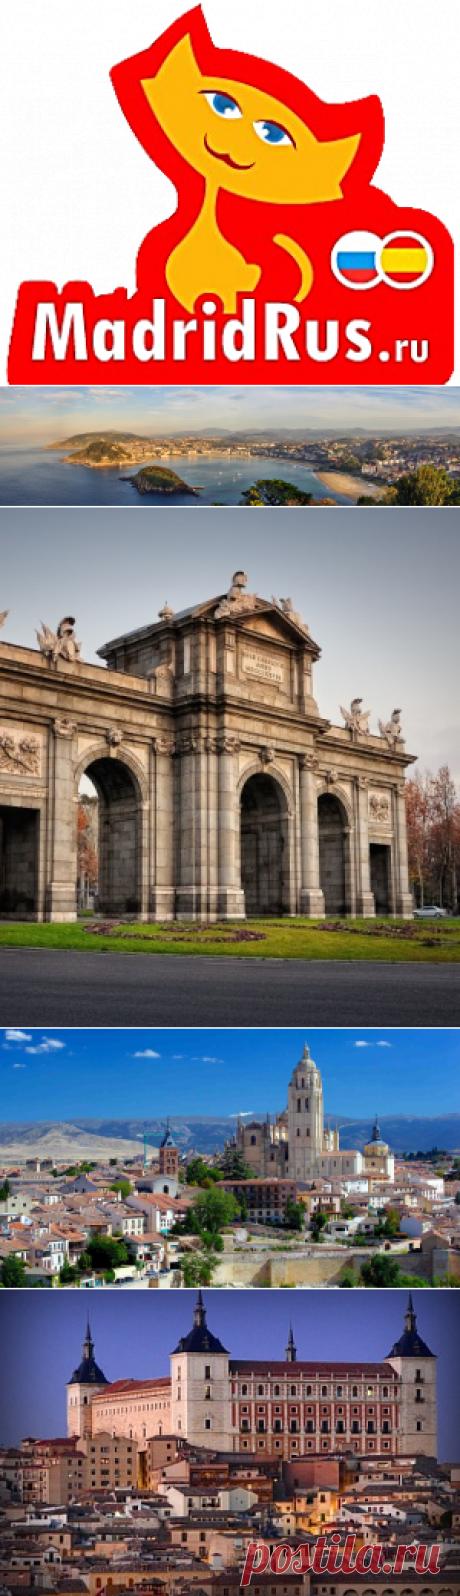 Официальный гид в Мадриде, лицензия . Индивидуальные и групповые  экскурсии в Мадриде. Гид пригороды Мадрида .